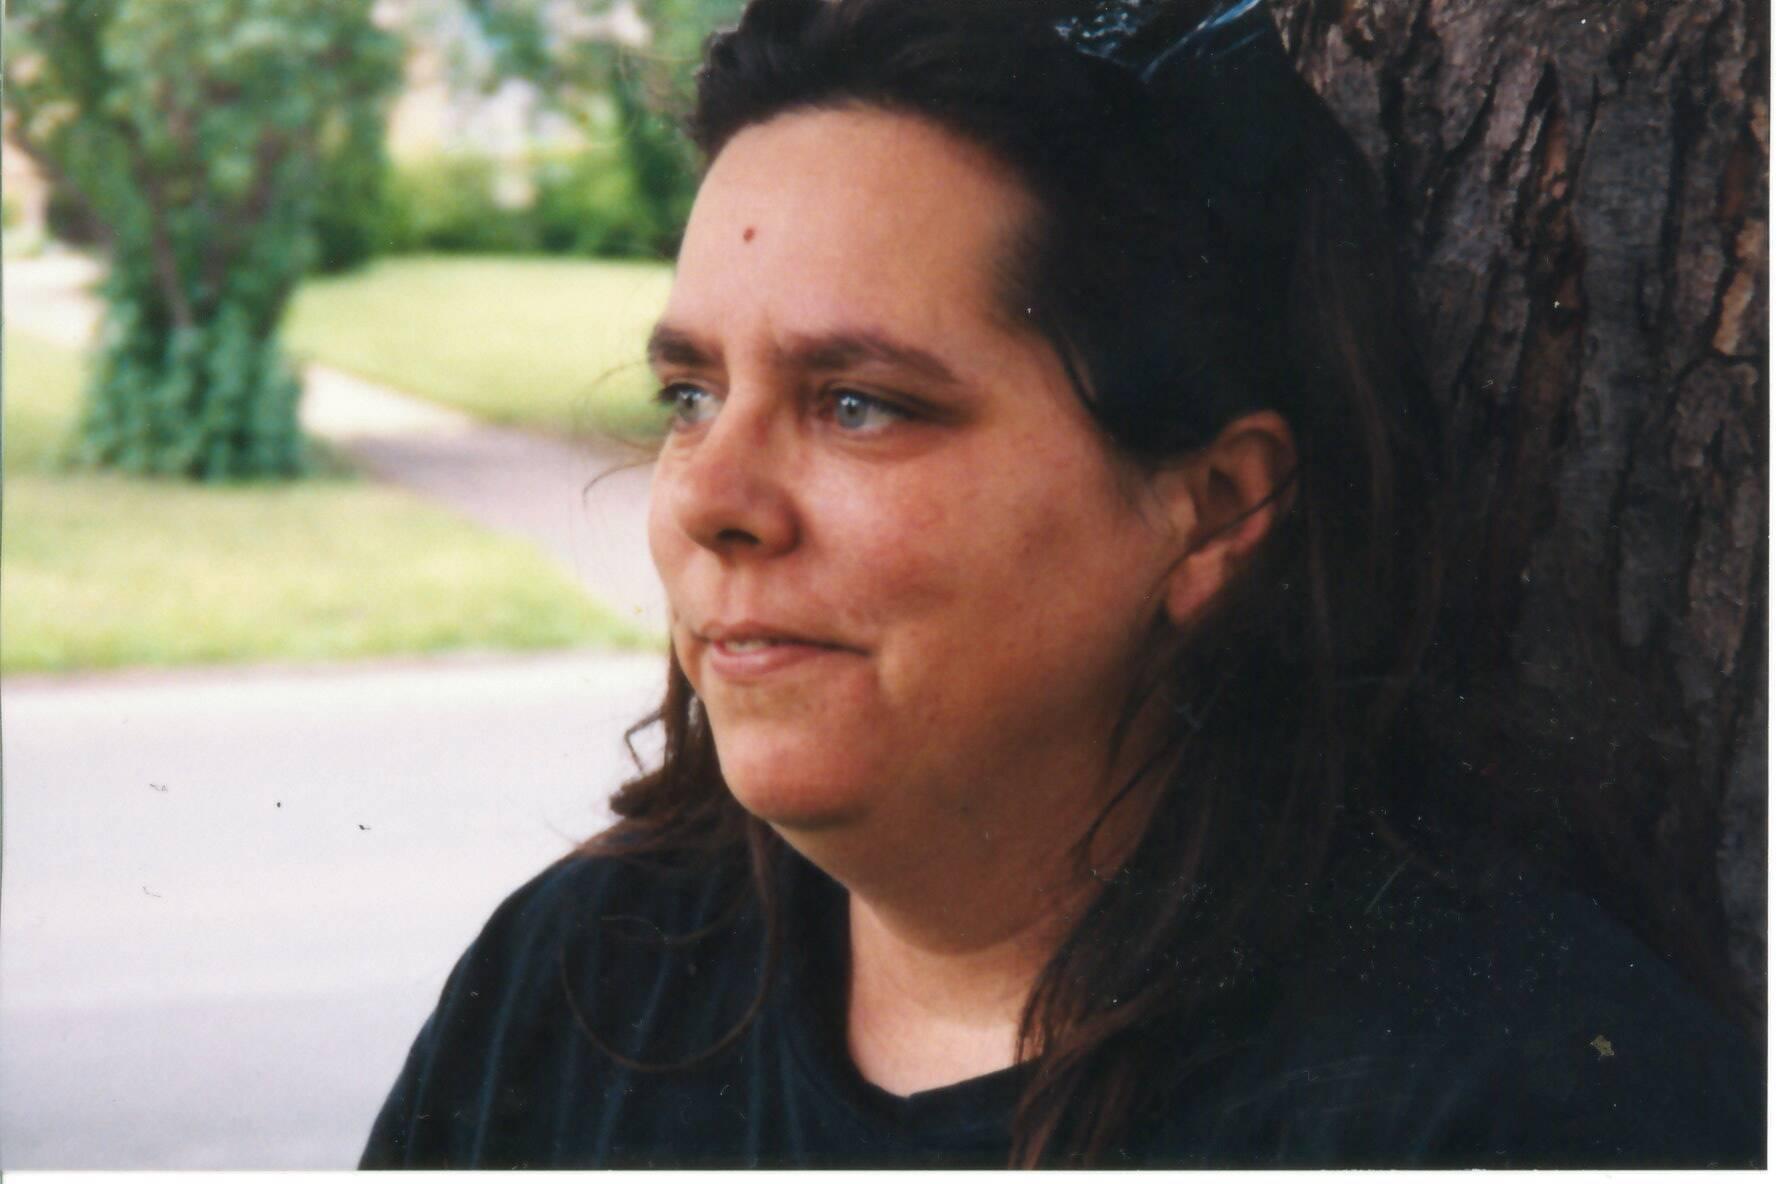 Dana Marie Ranum